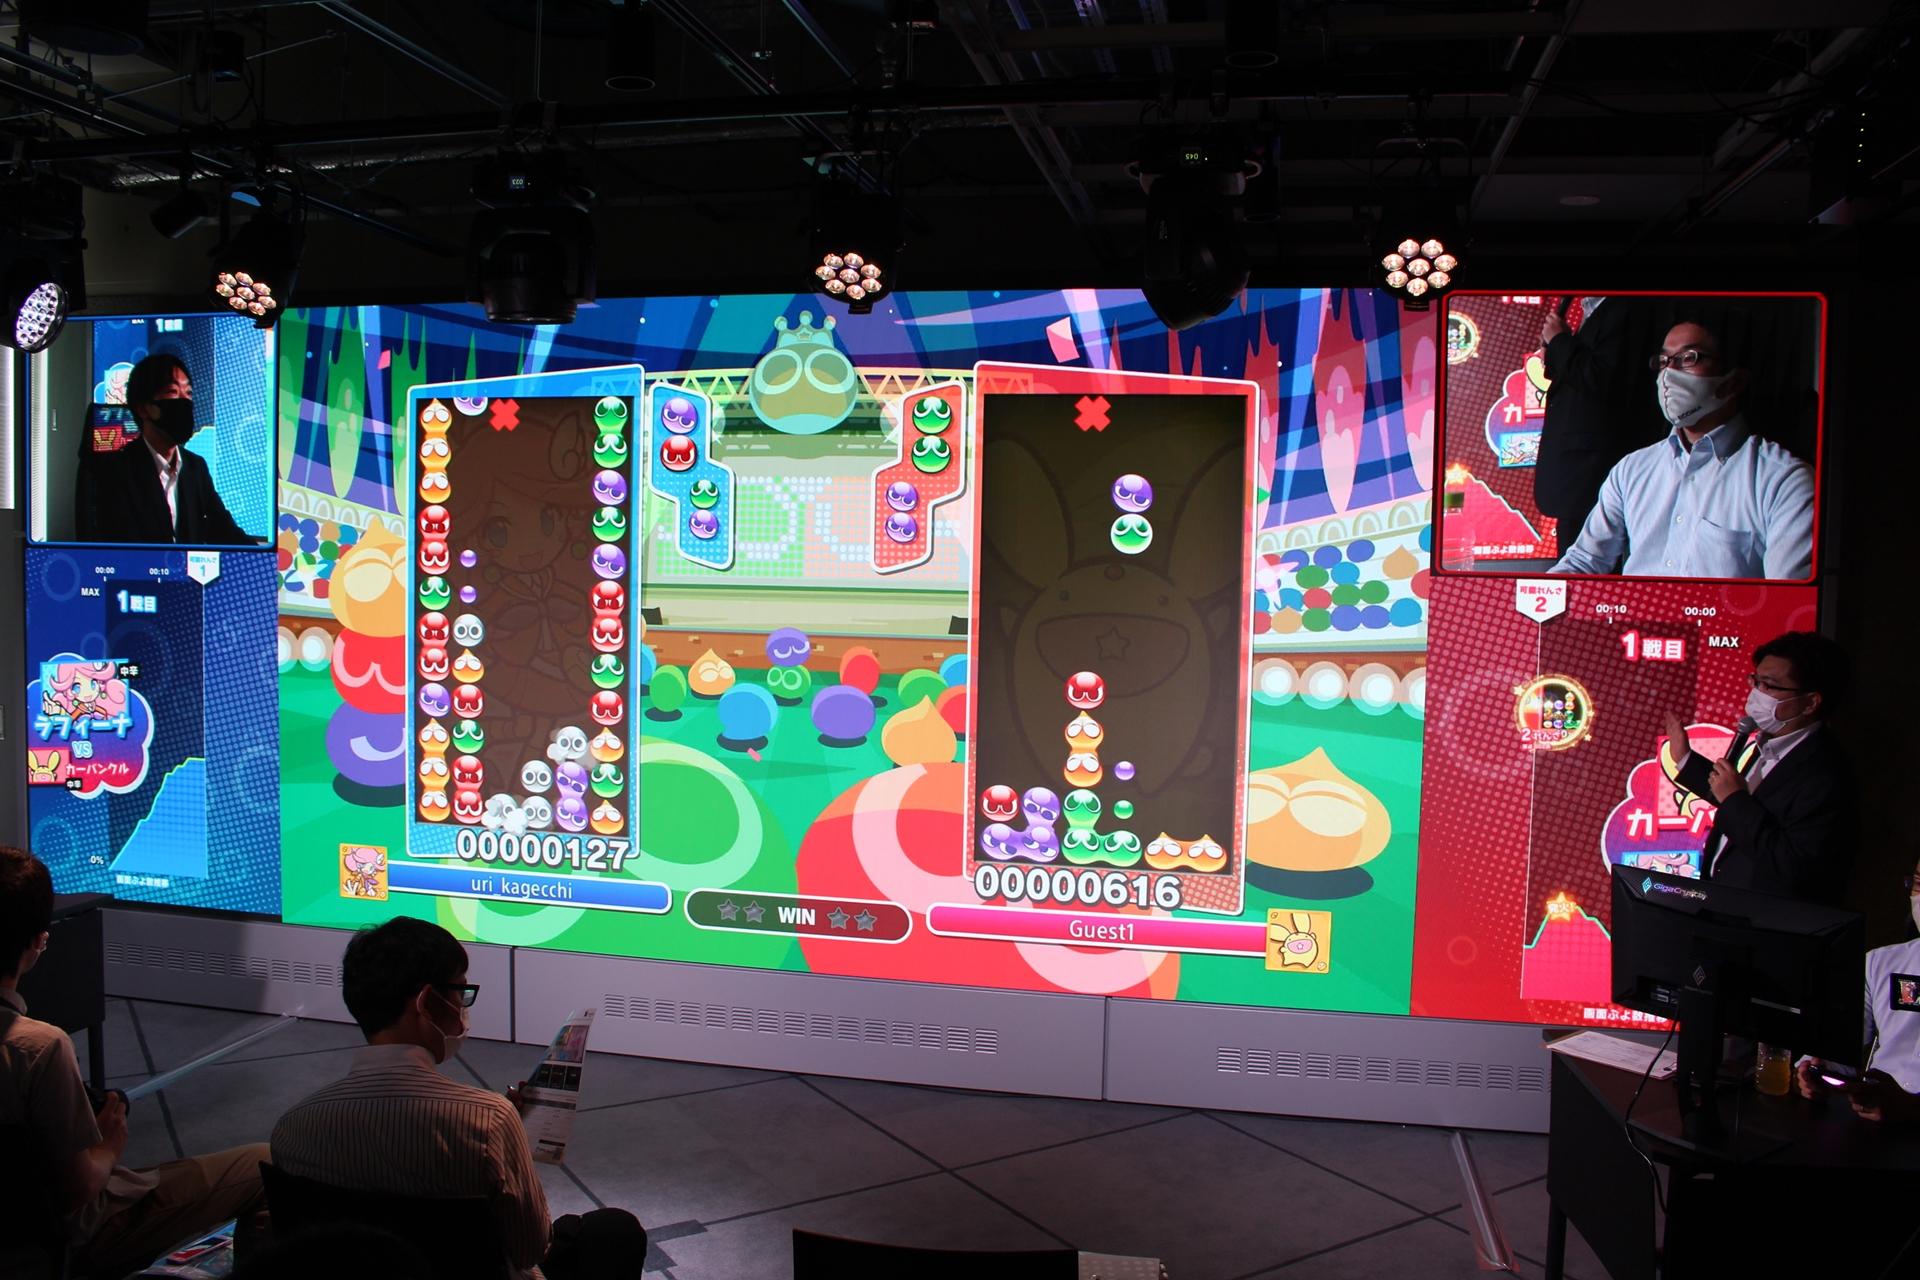 「ぷよぷよeスポーツ」を使ったデモンストレーション。画面を中央に、左右に選手の様子と情報が表示されている